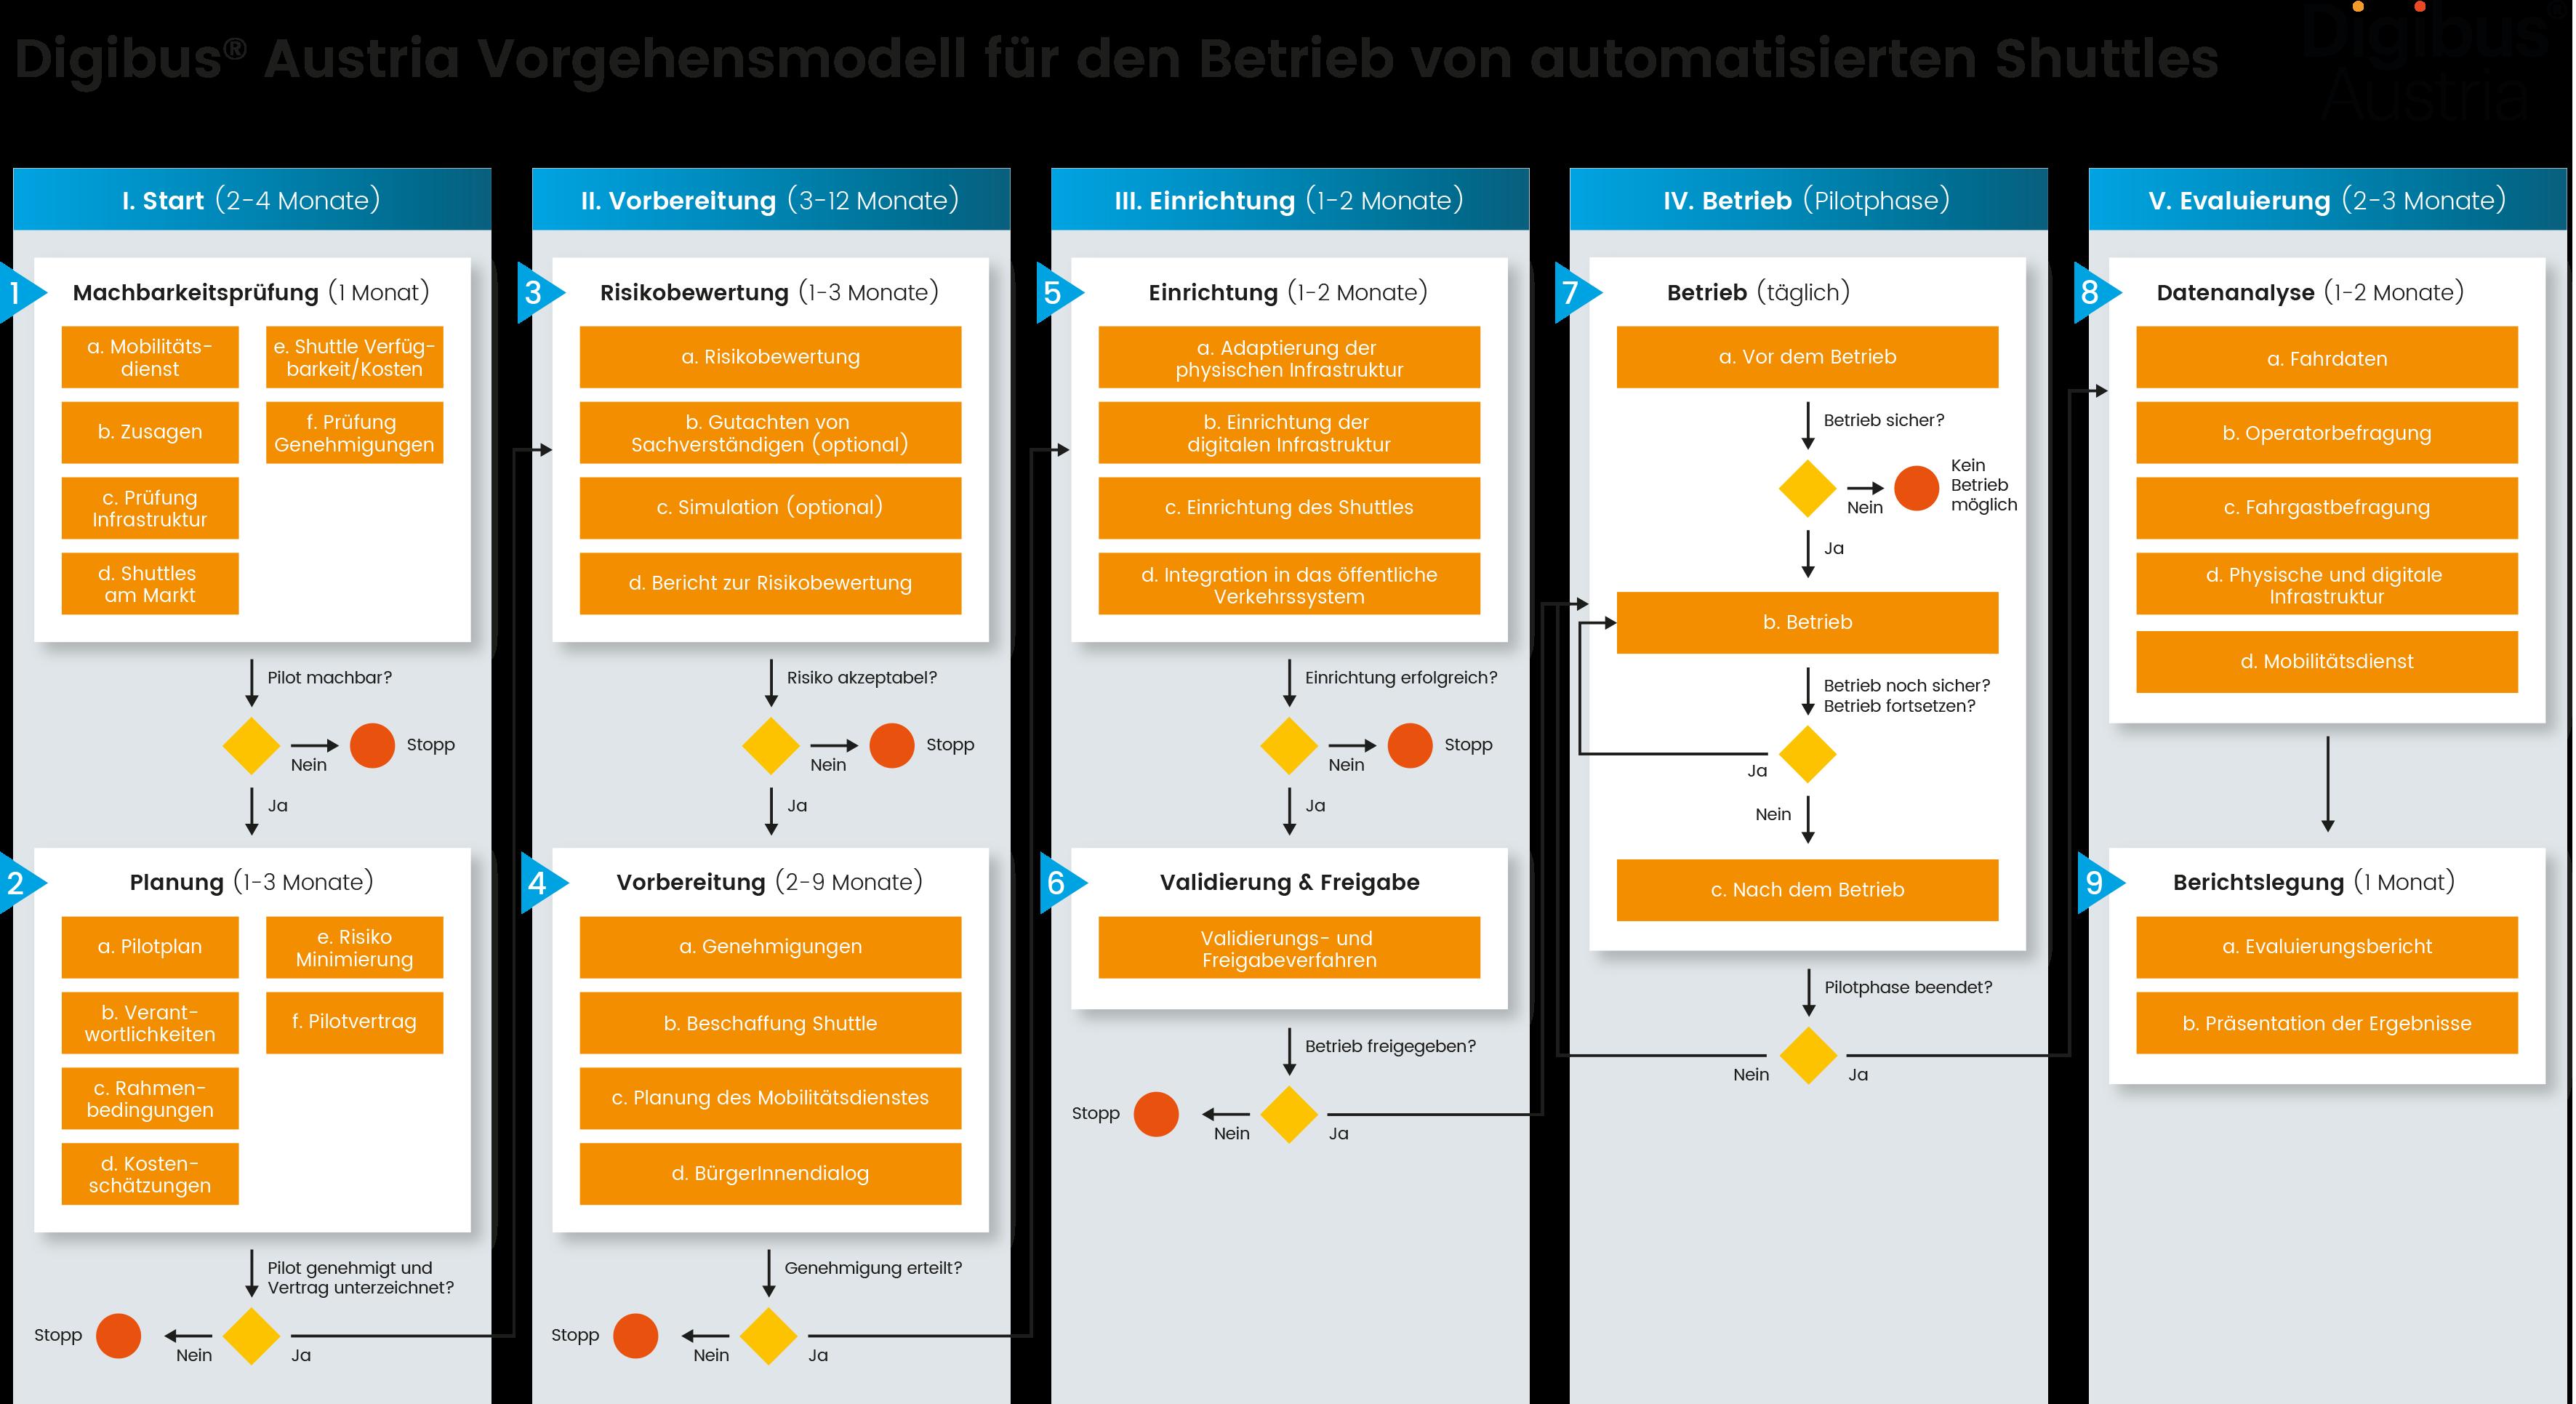 Digibus Vorgehensmodell